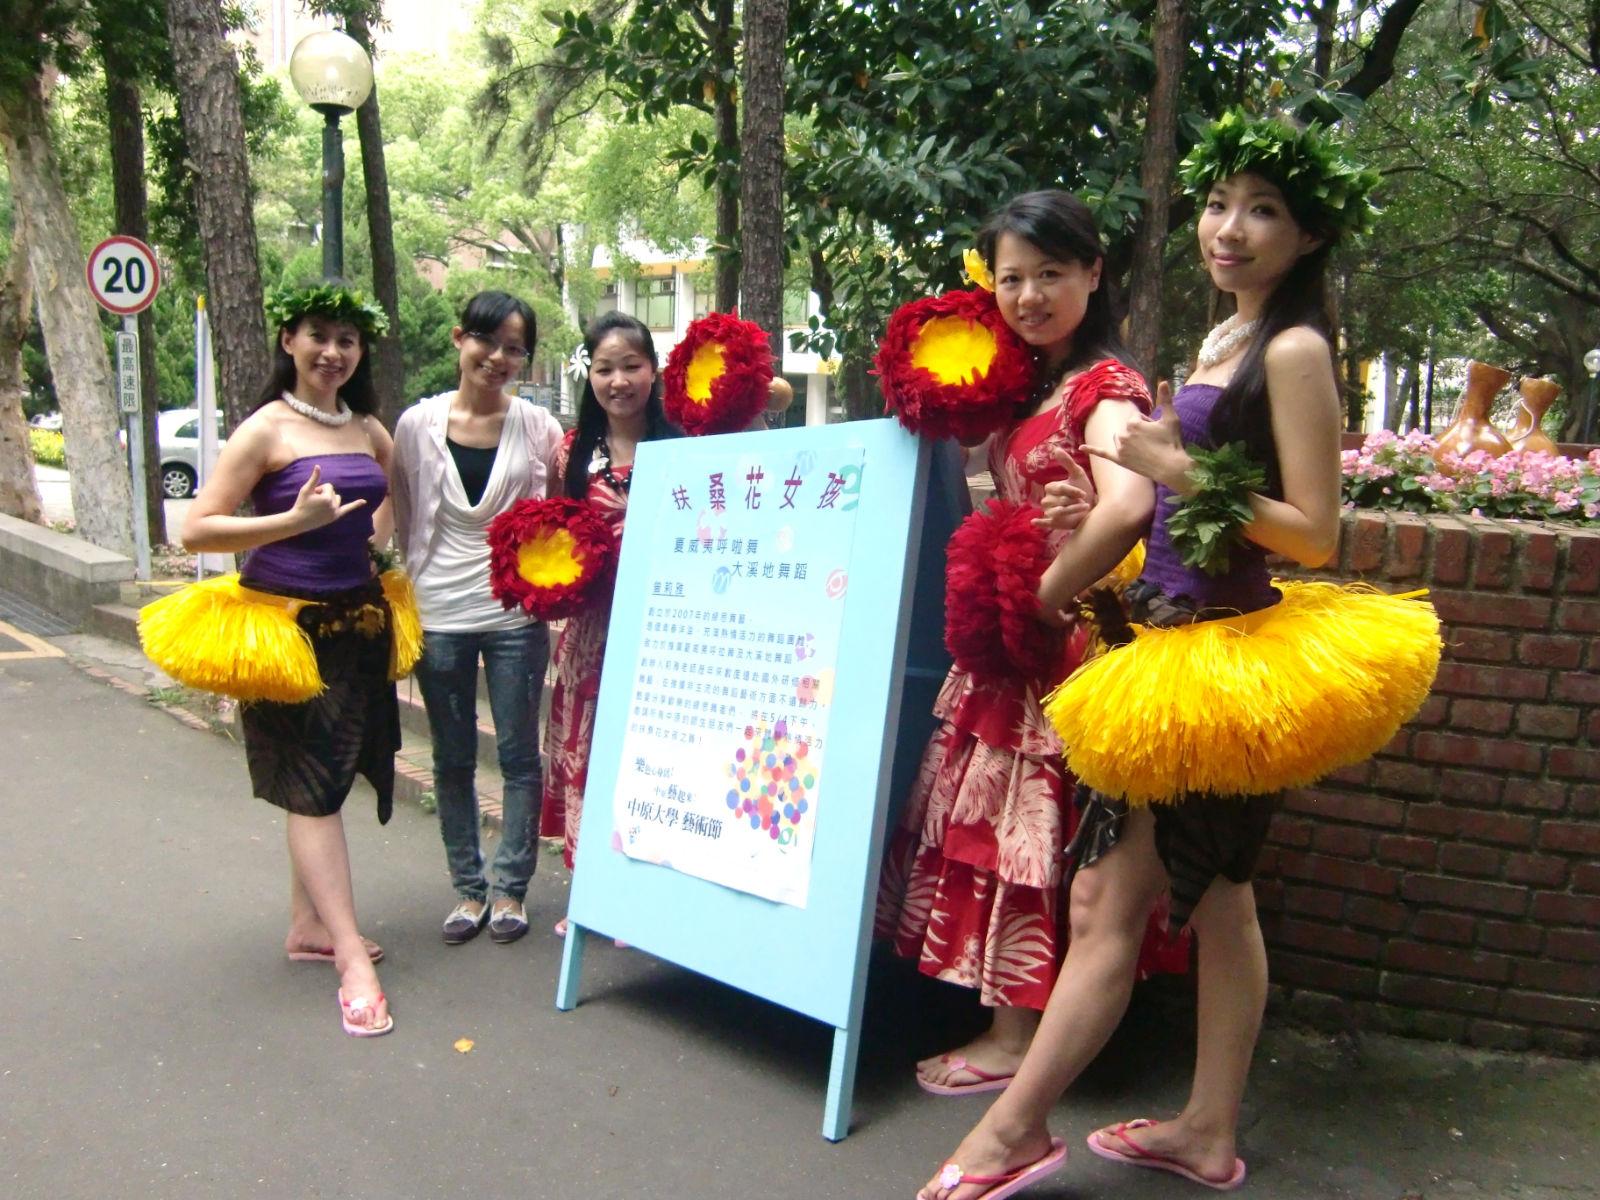 中原大學「藝術節」 街頭藝人藝起來